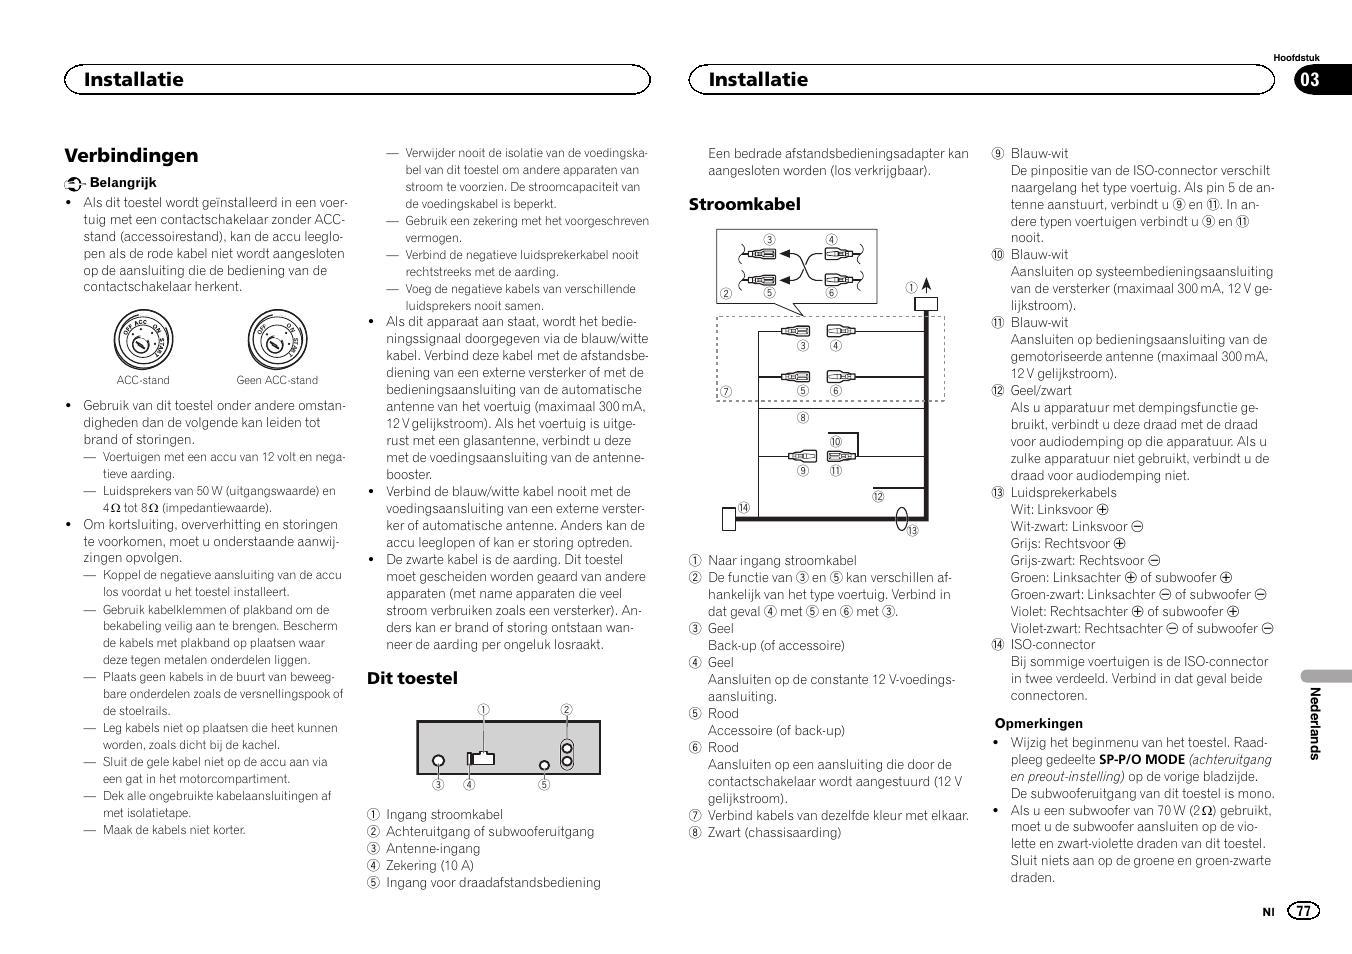 Verbindingen installatie pioneer deh 150mpg user manual page 77 verbindingen installatie pioneer deh 150mpg user manual page 77 96 publicscrutiny Choice Image